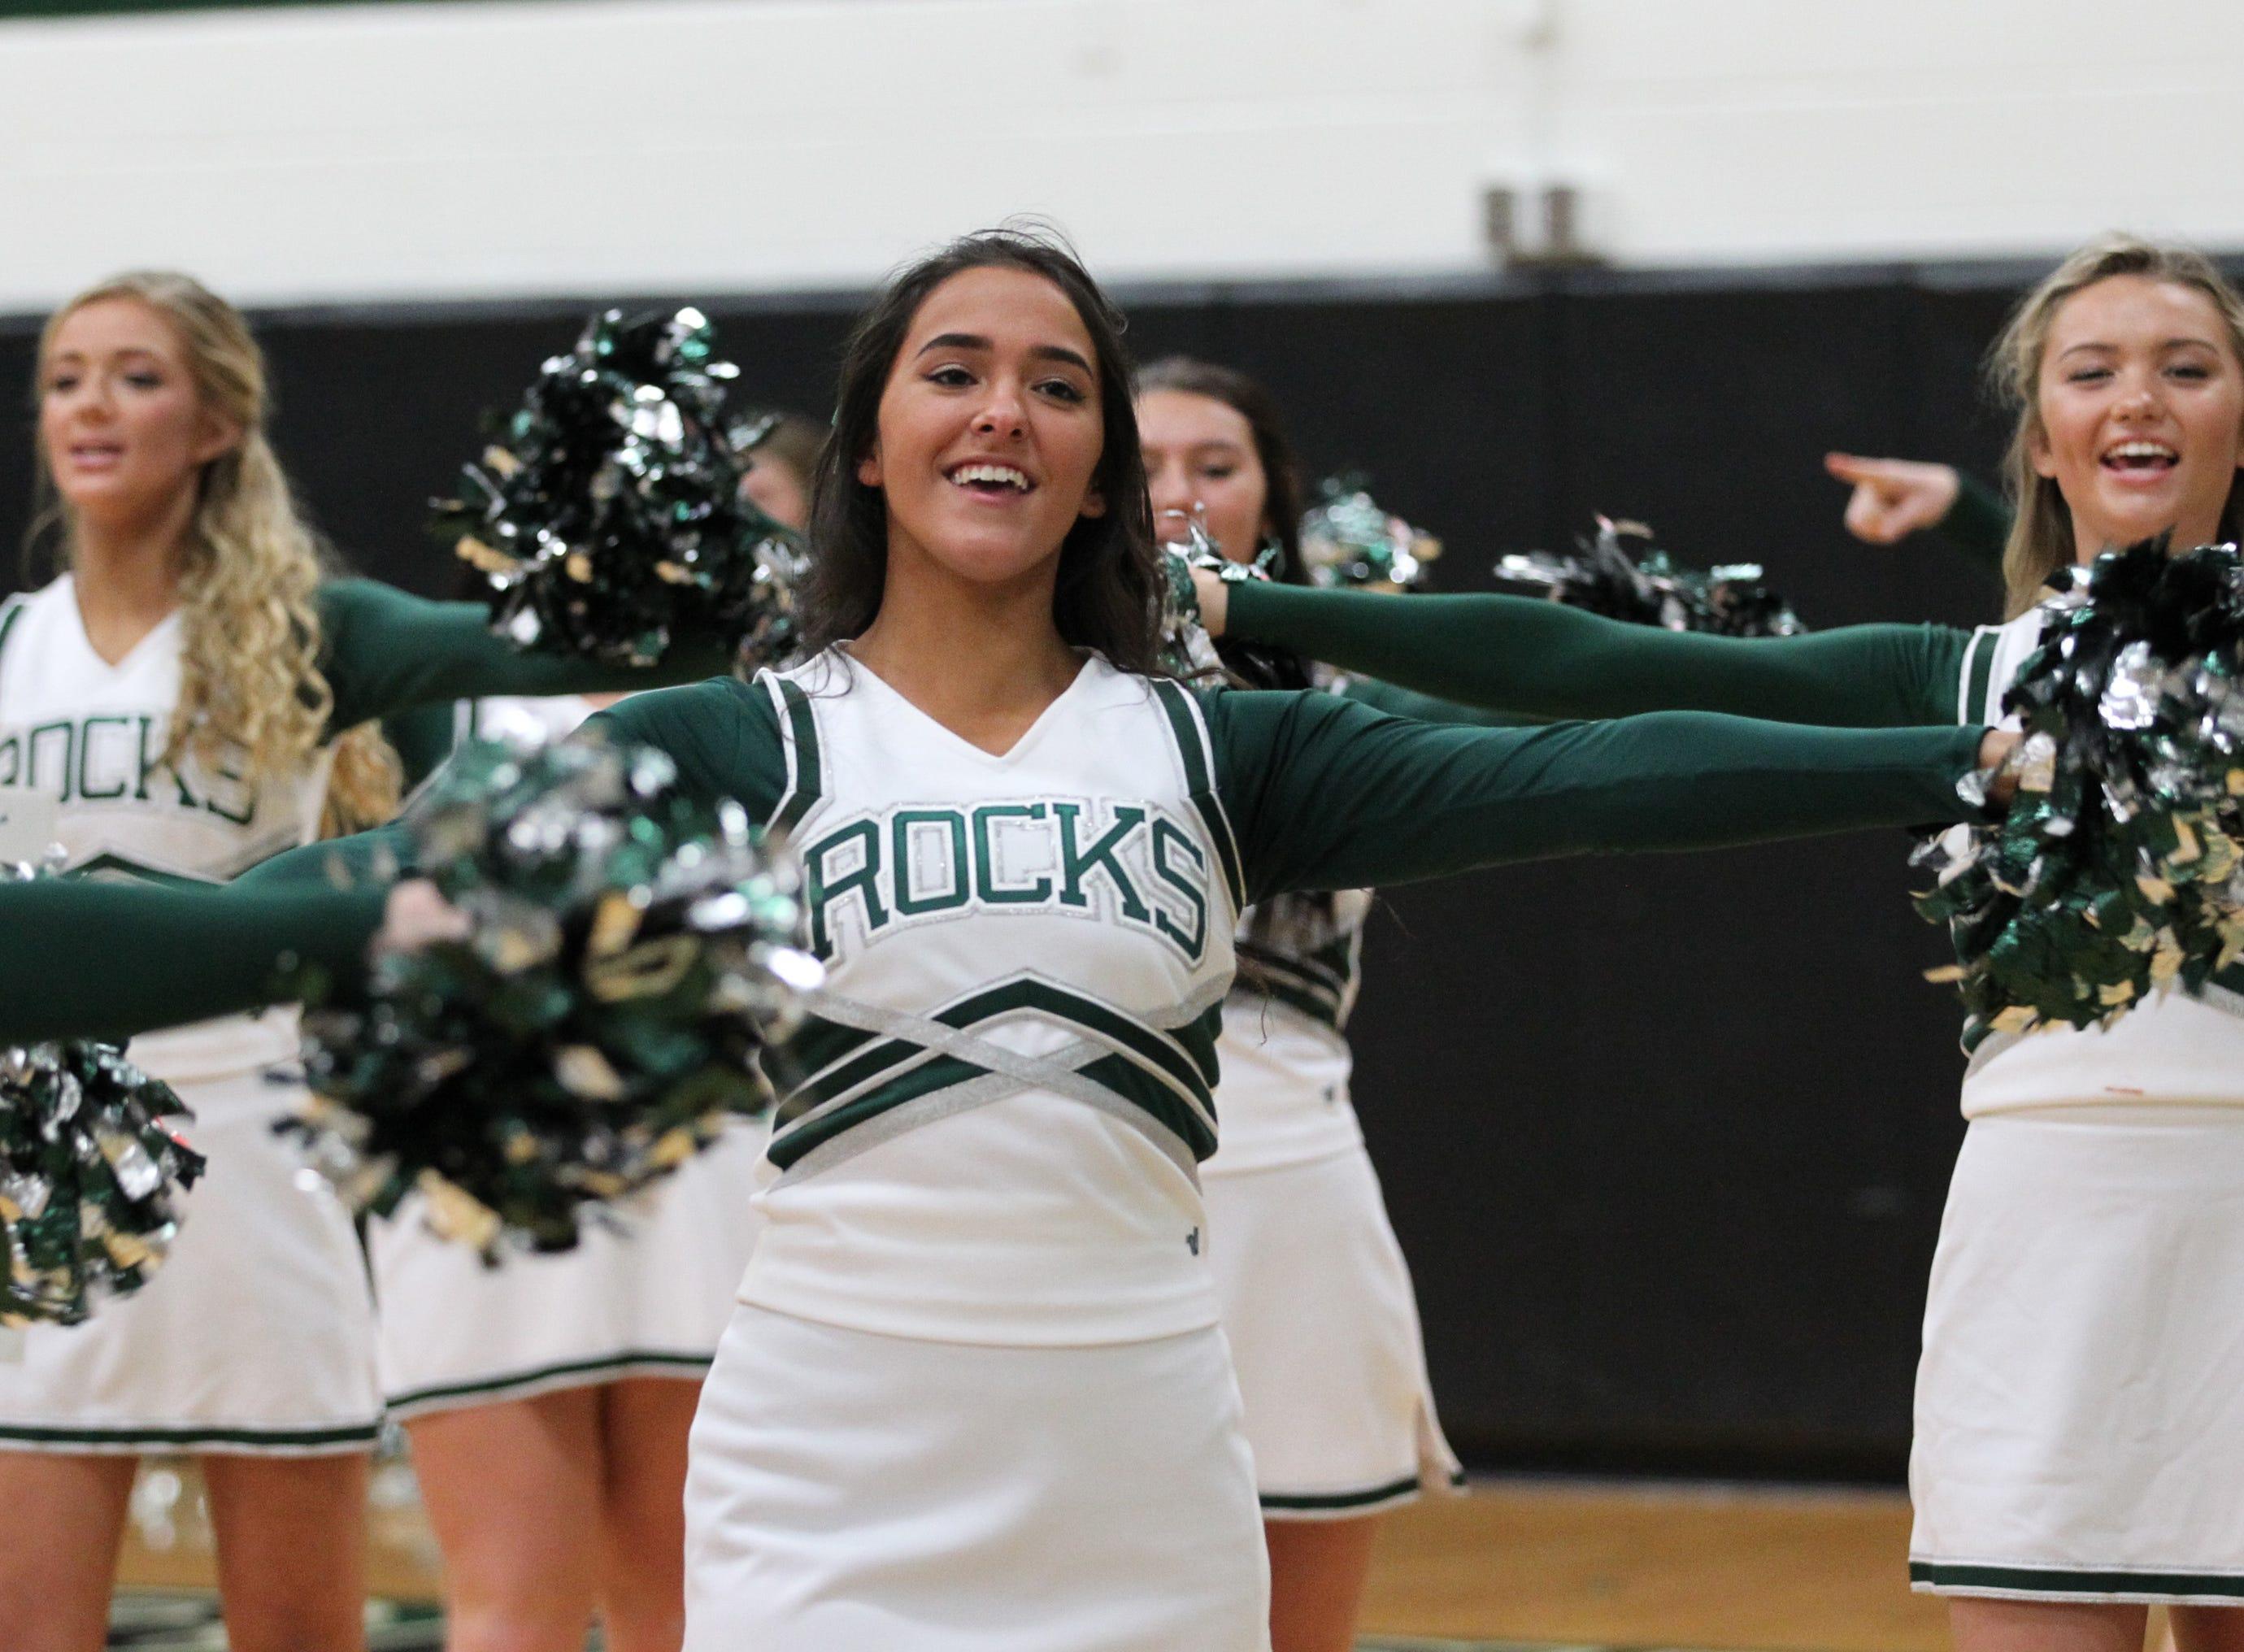 Trinity High School cheerleaders cheer for their team against Waggener High School in Louisville on Jan. 11, 2019.